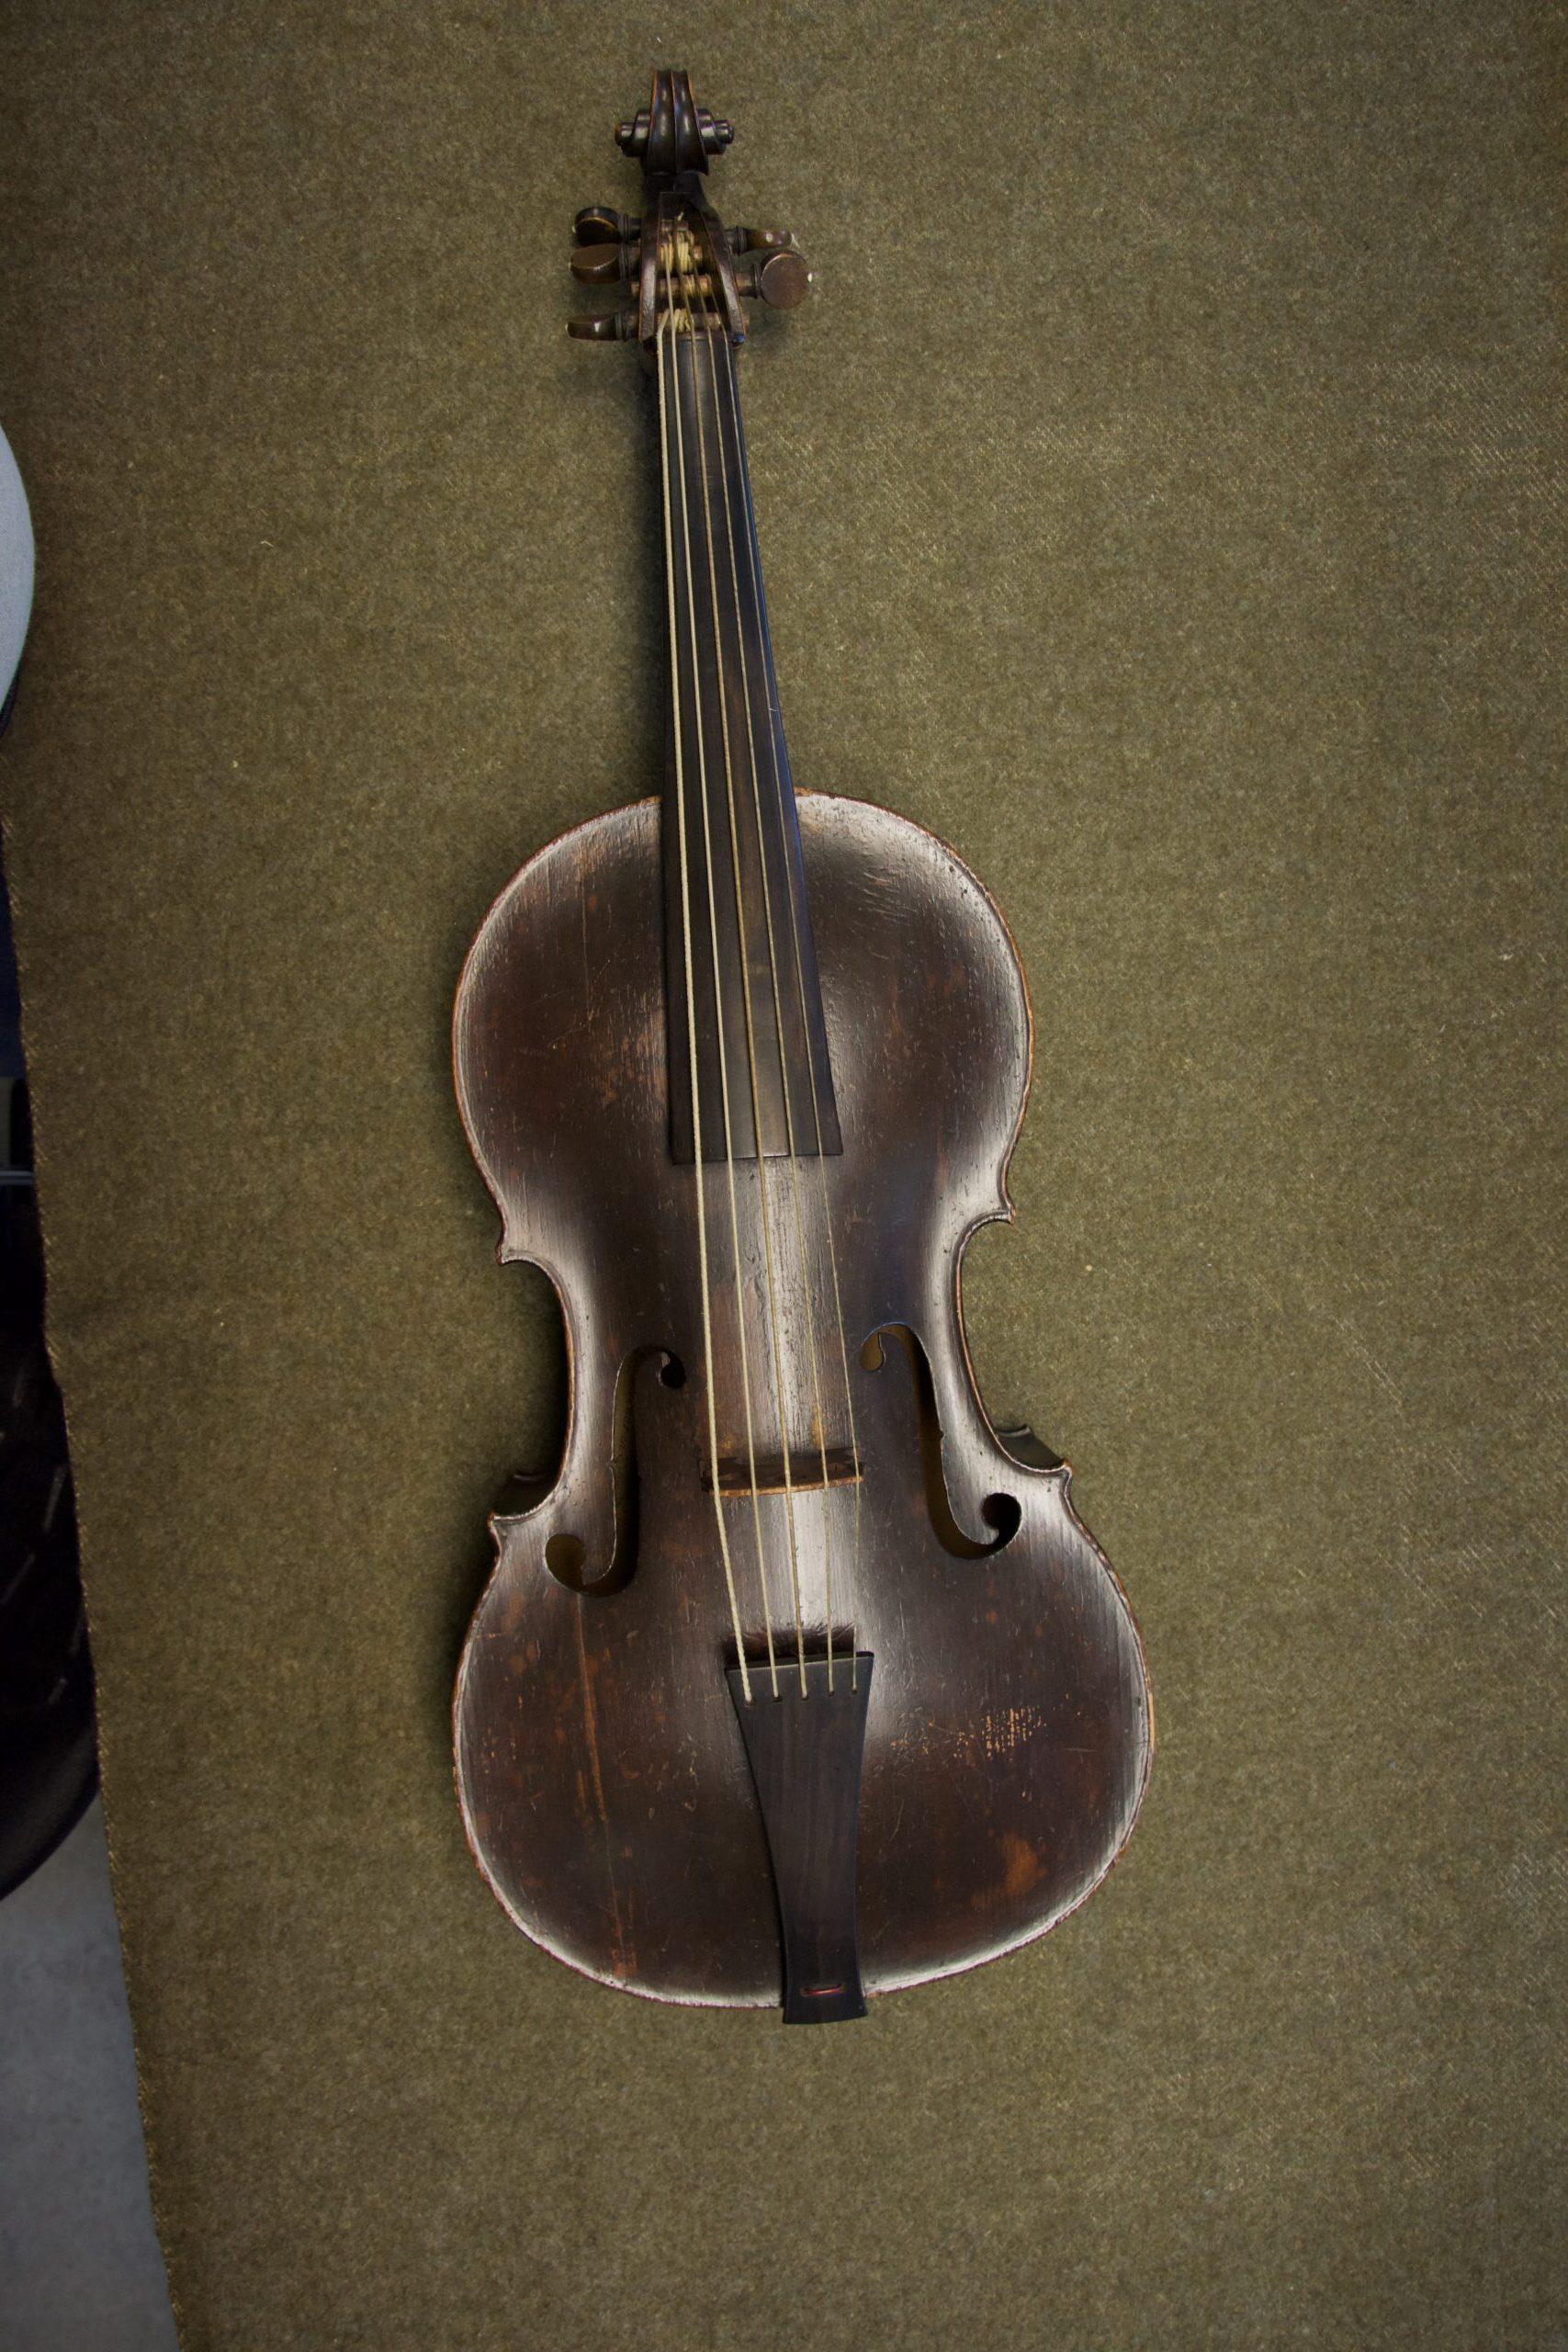 violoncello piccolo cinque corde Hoffmann Lipsia museo Bruxelles